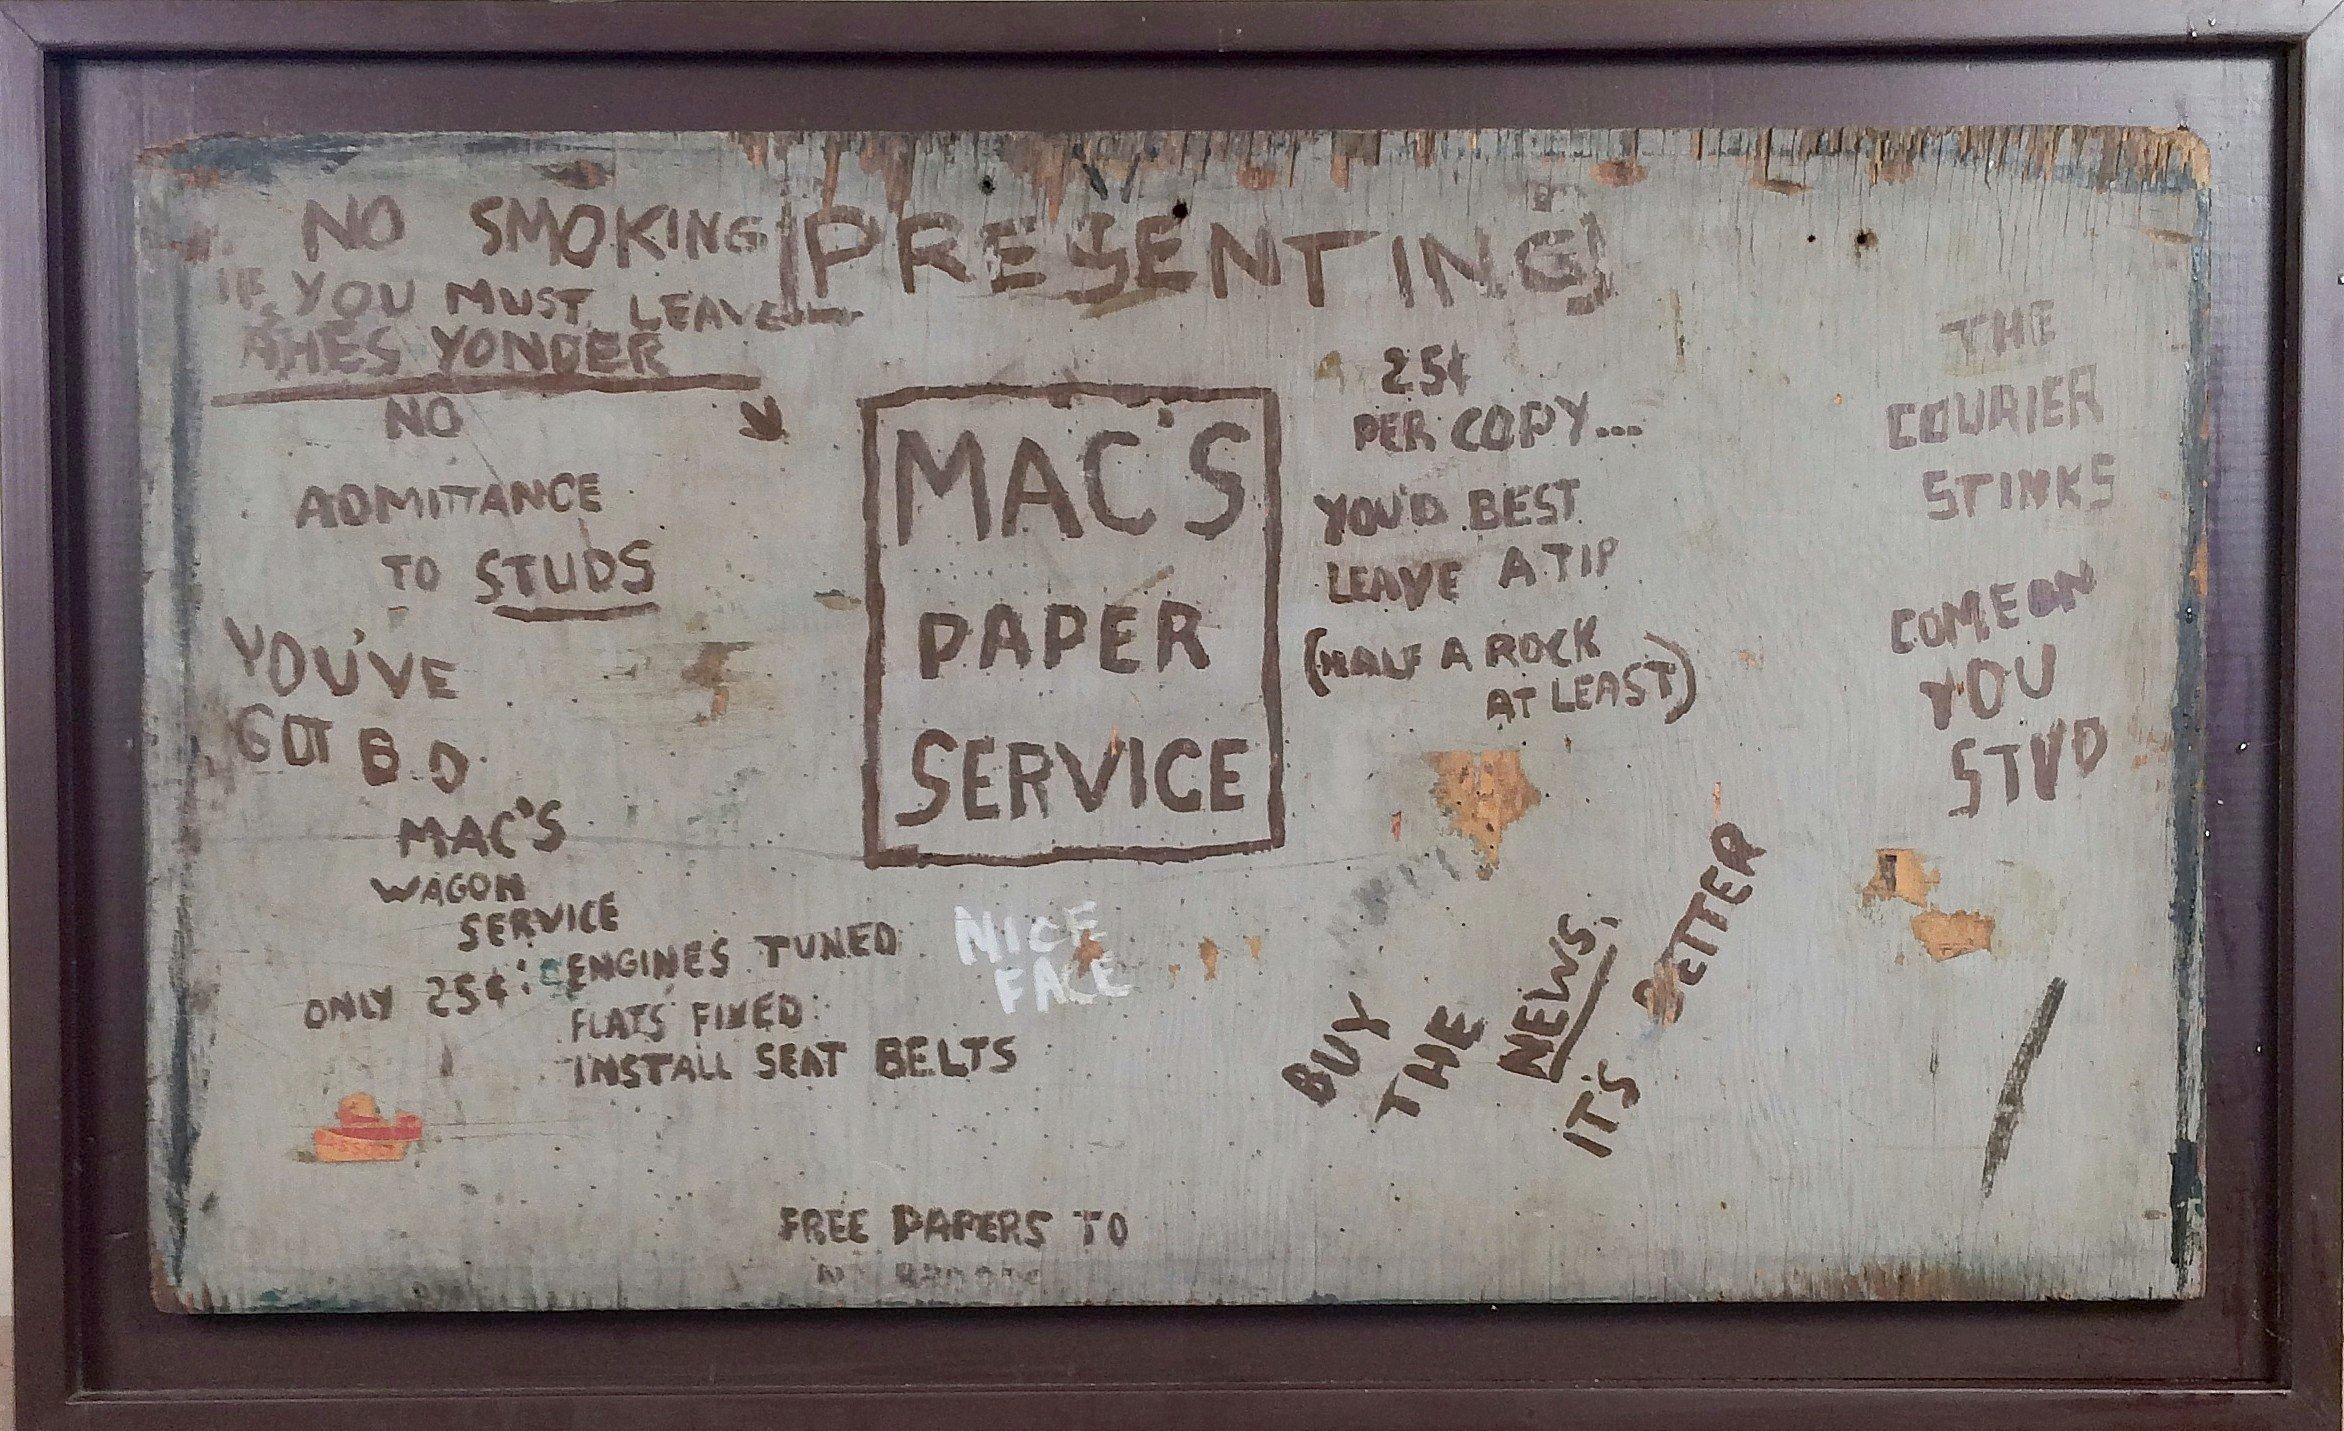 Mac's Paper Service_1.JPG